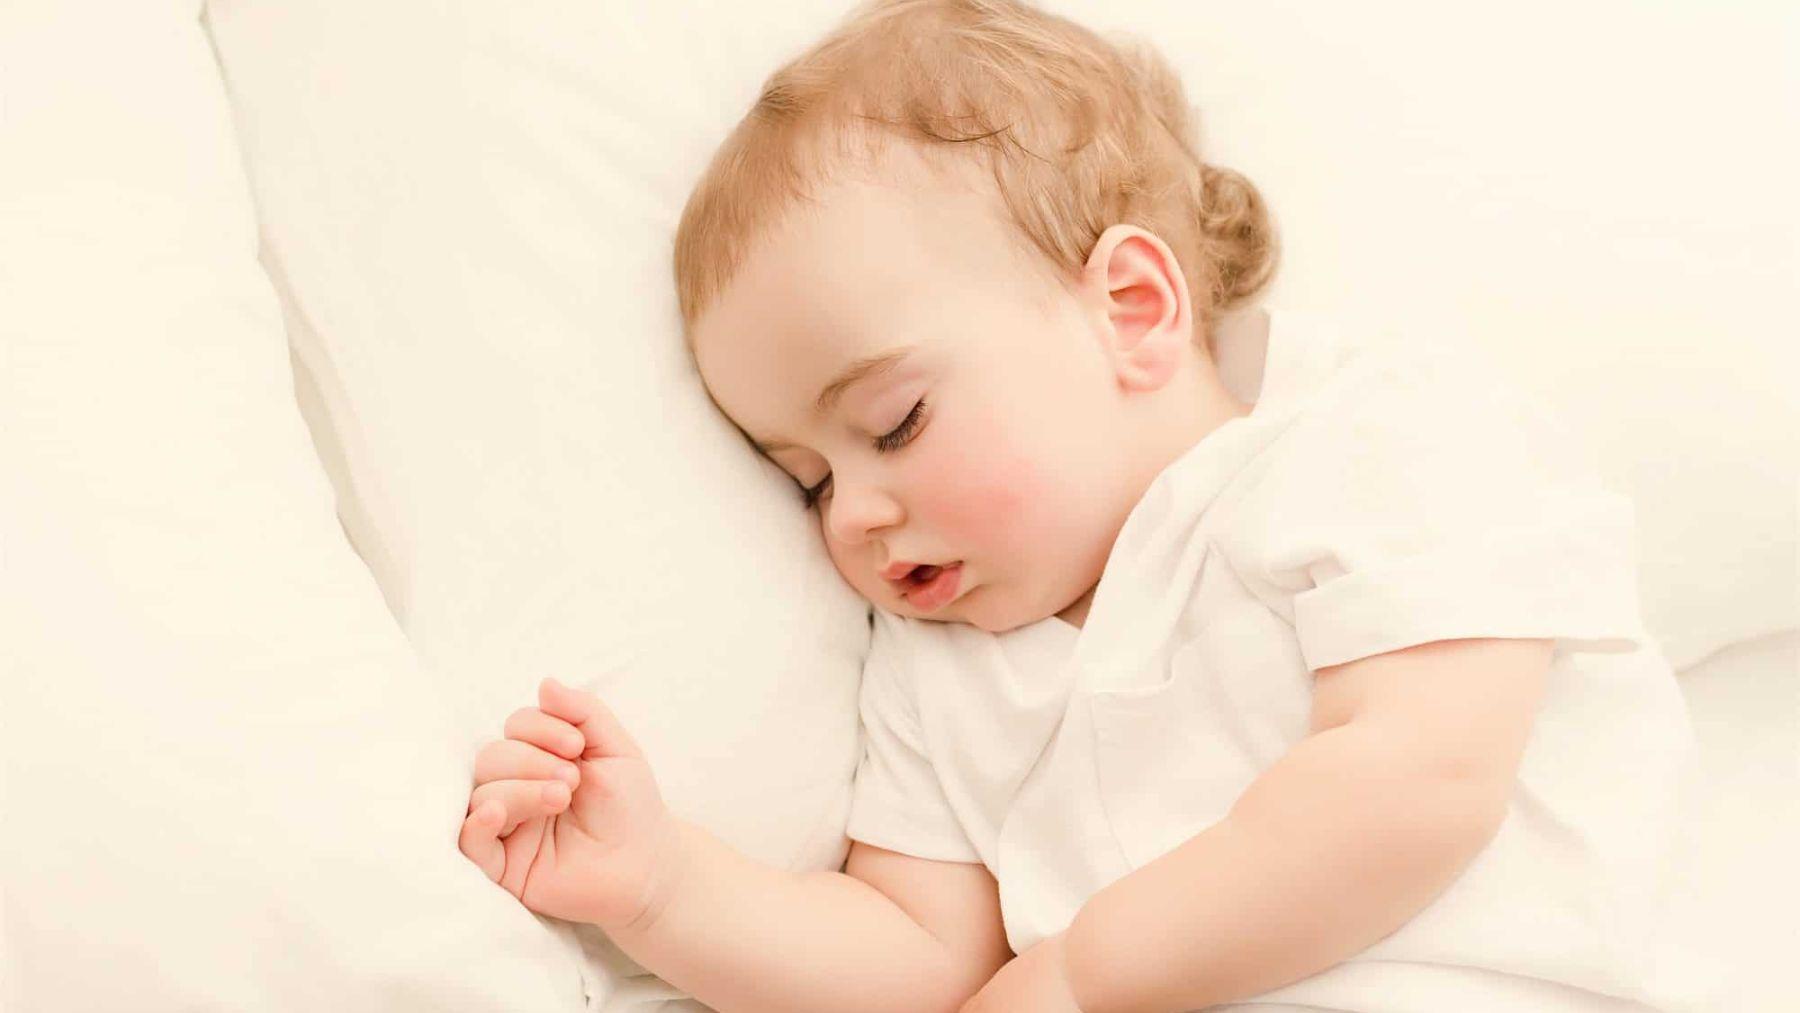 Descubre si la melatonina es segura en bebés o todo un riesgo